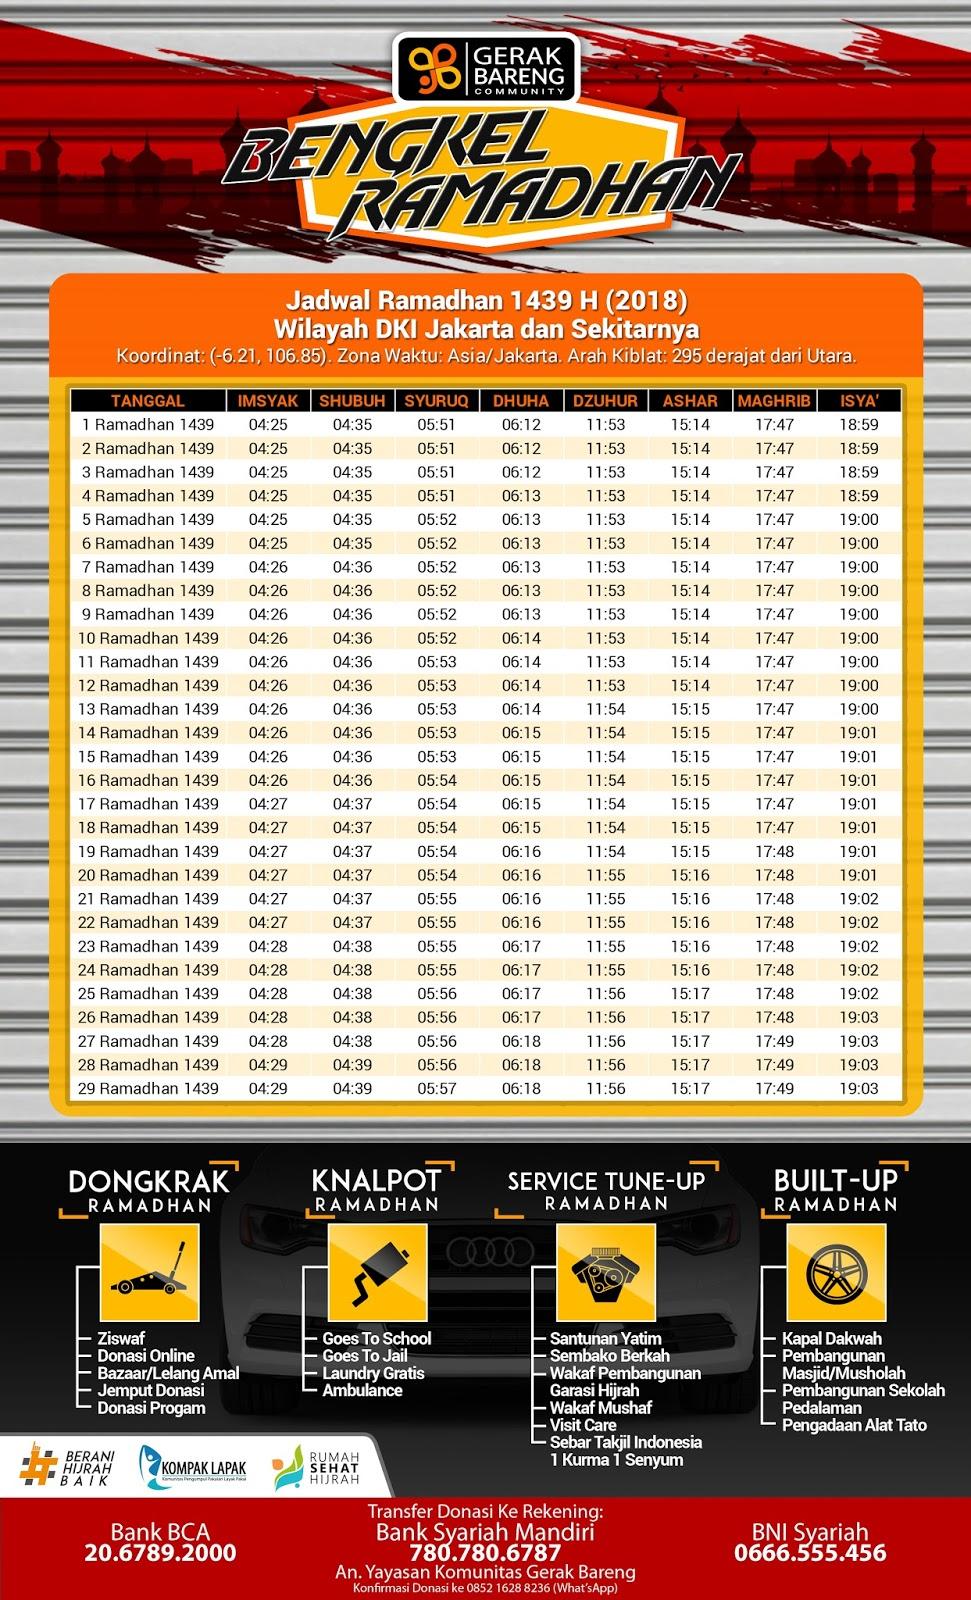 Jadwal Imsakiyah Ramadhan 1439 H